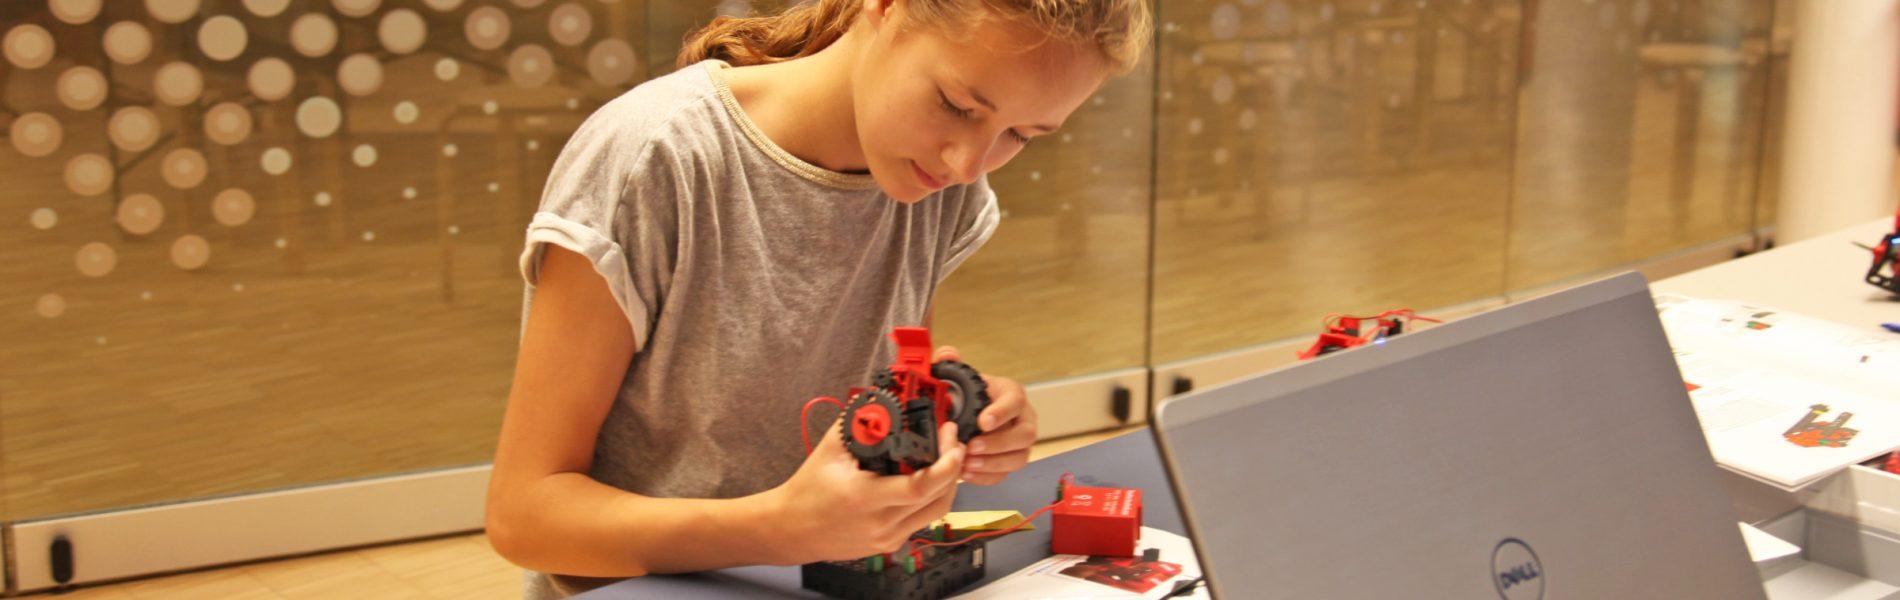 Ein Mädchen baut einen Roboter zusammen.